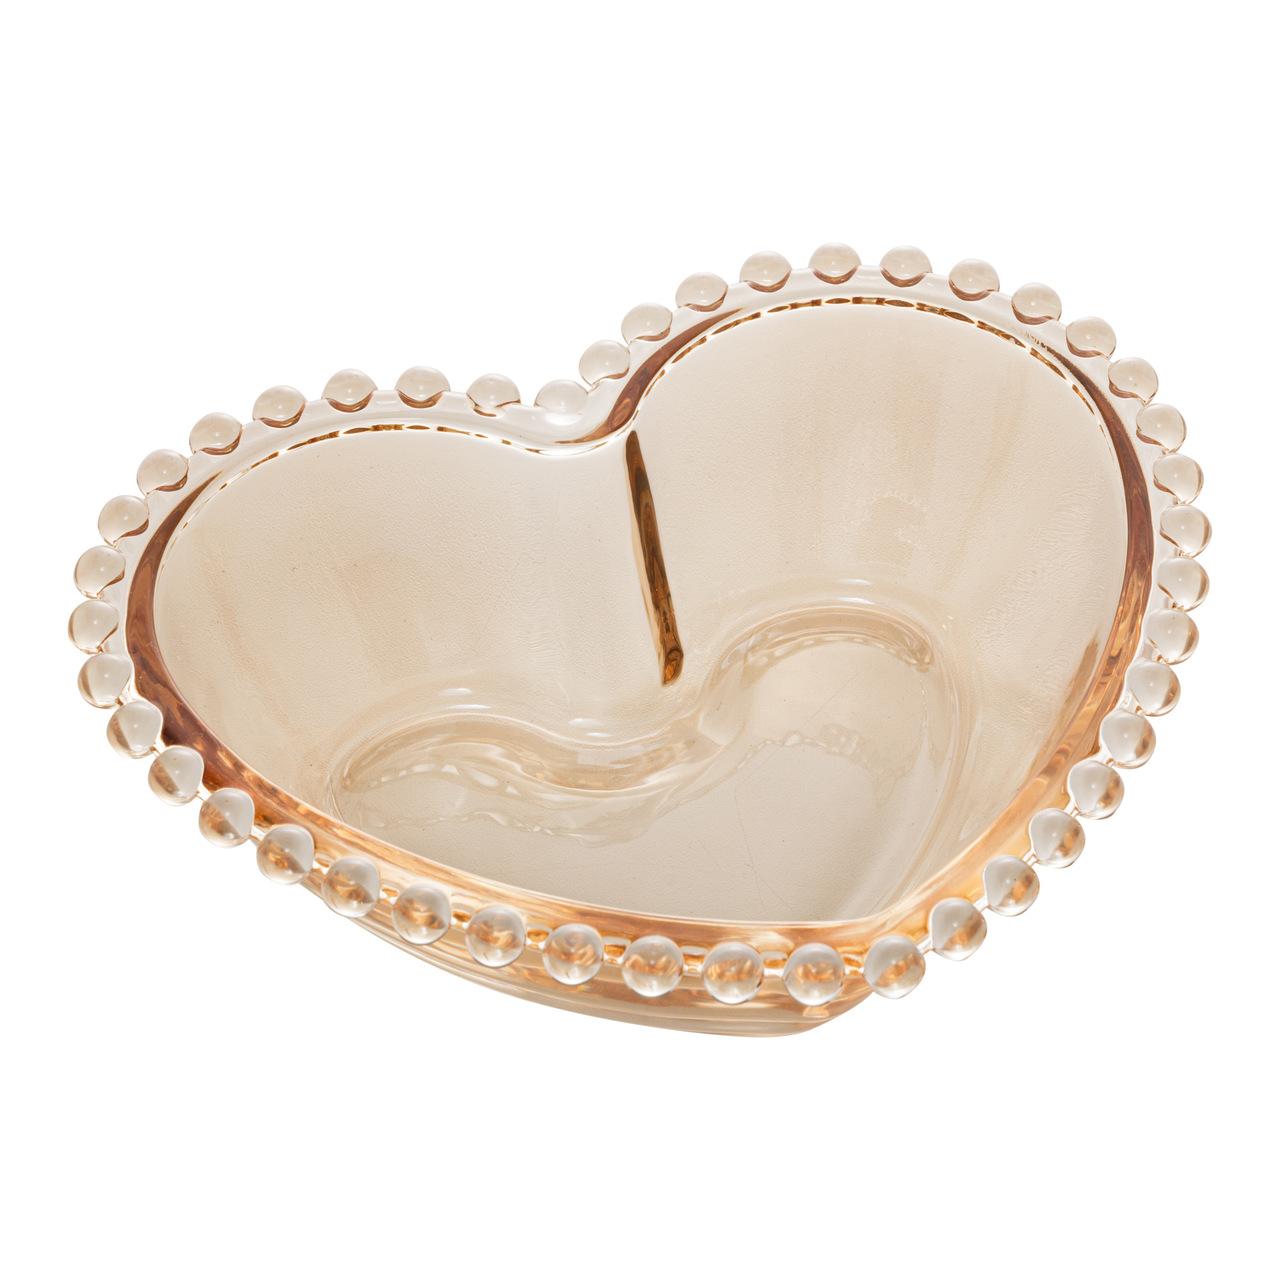 Saladeira 21 cm de cristal âmbar coração Pearl Wolff - 28400